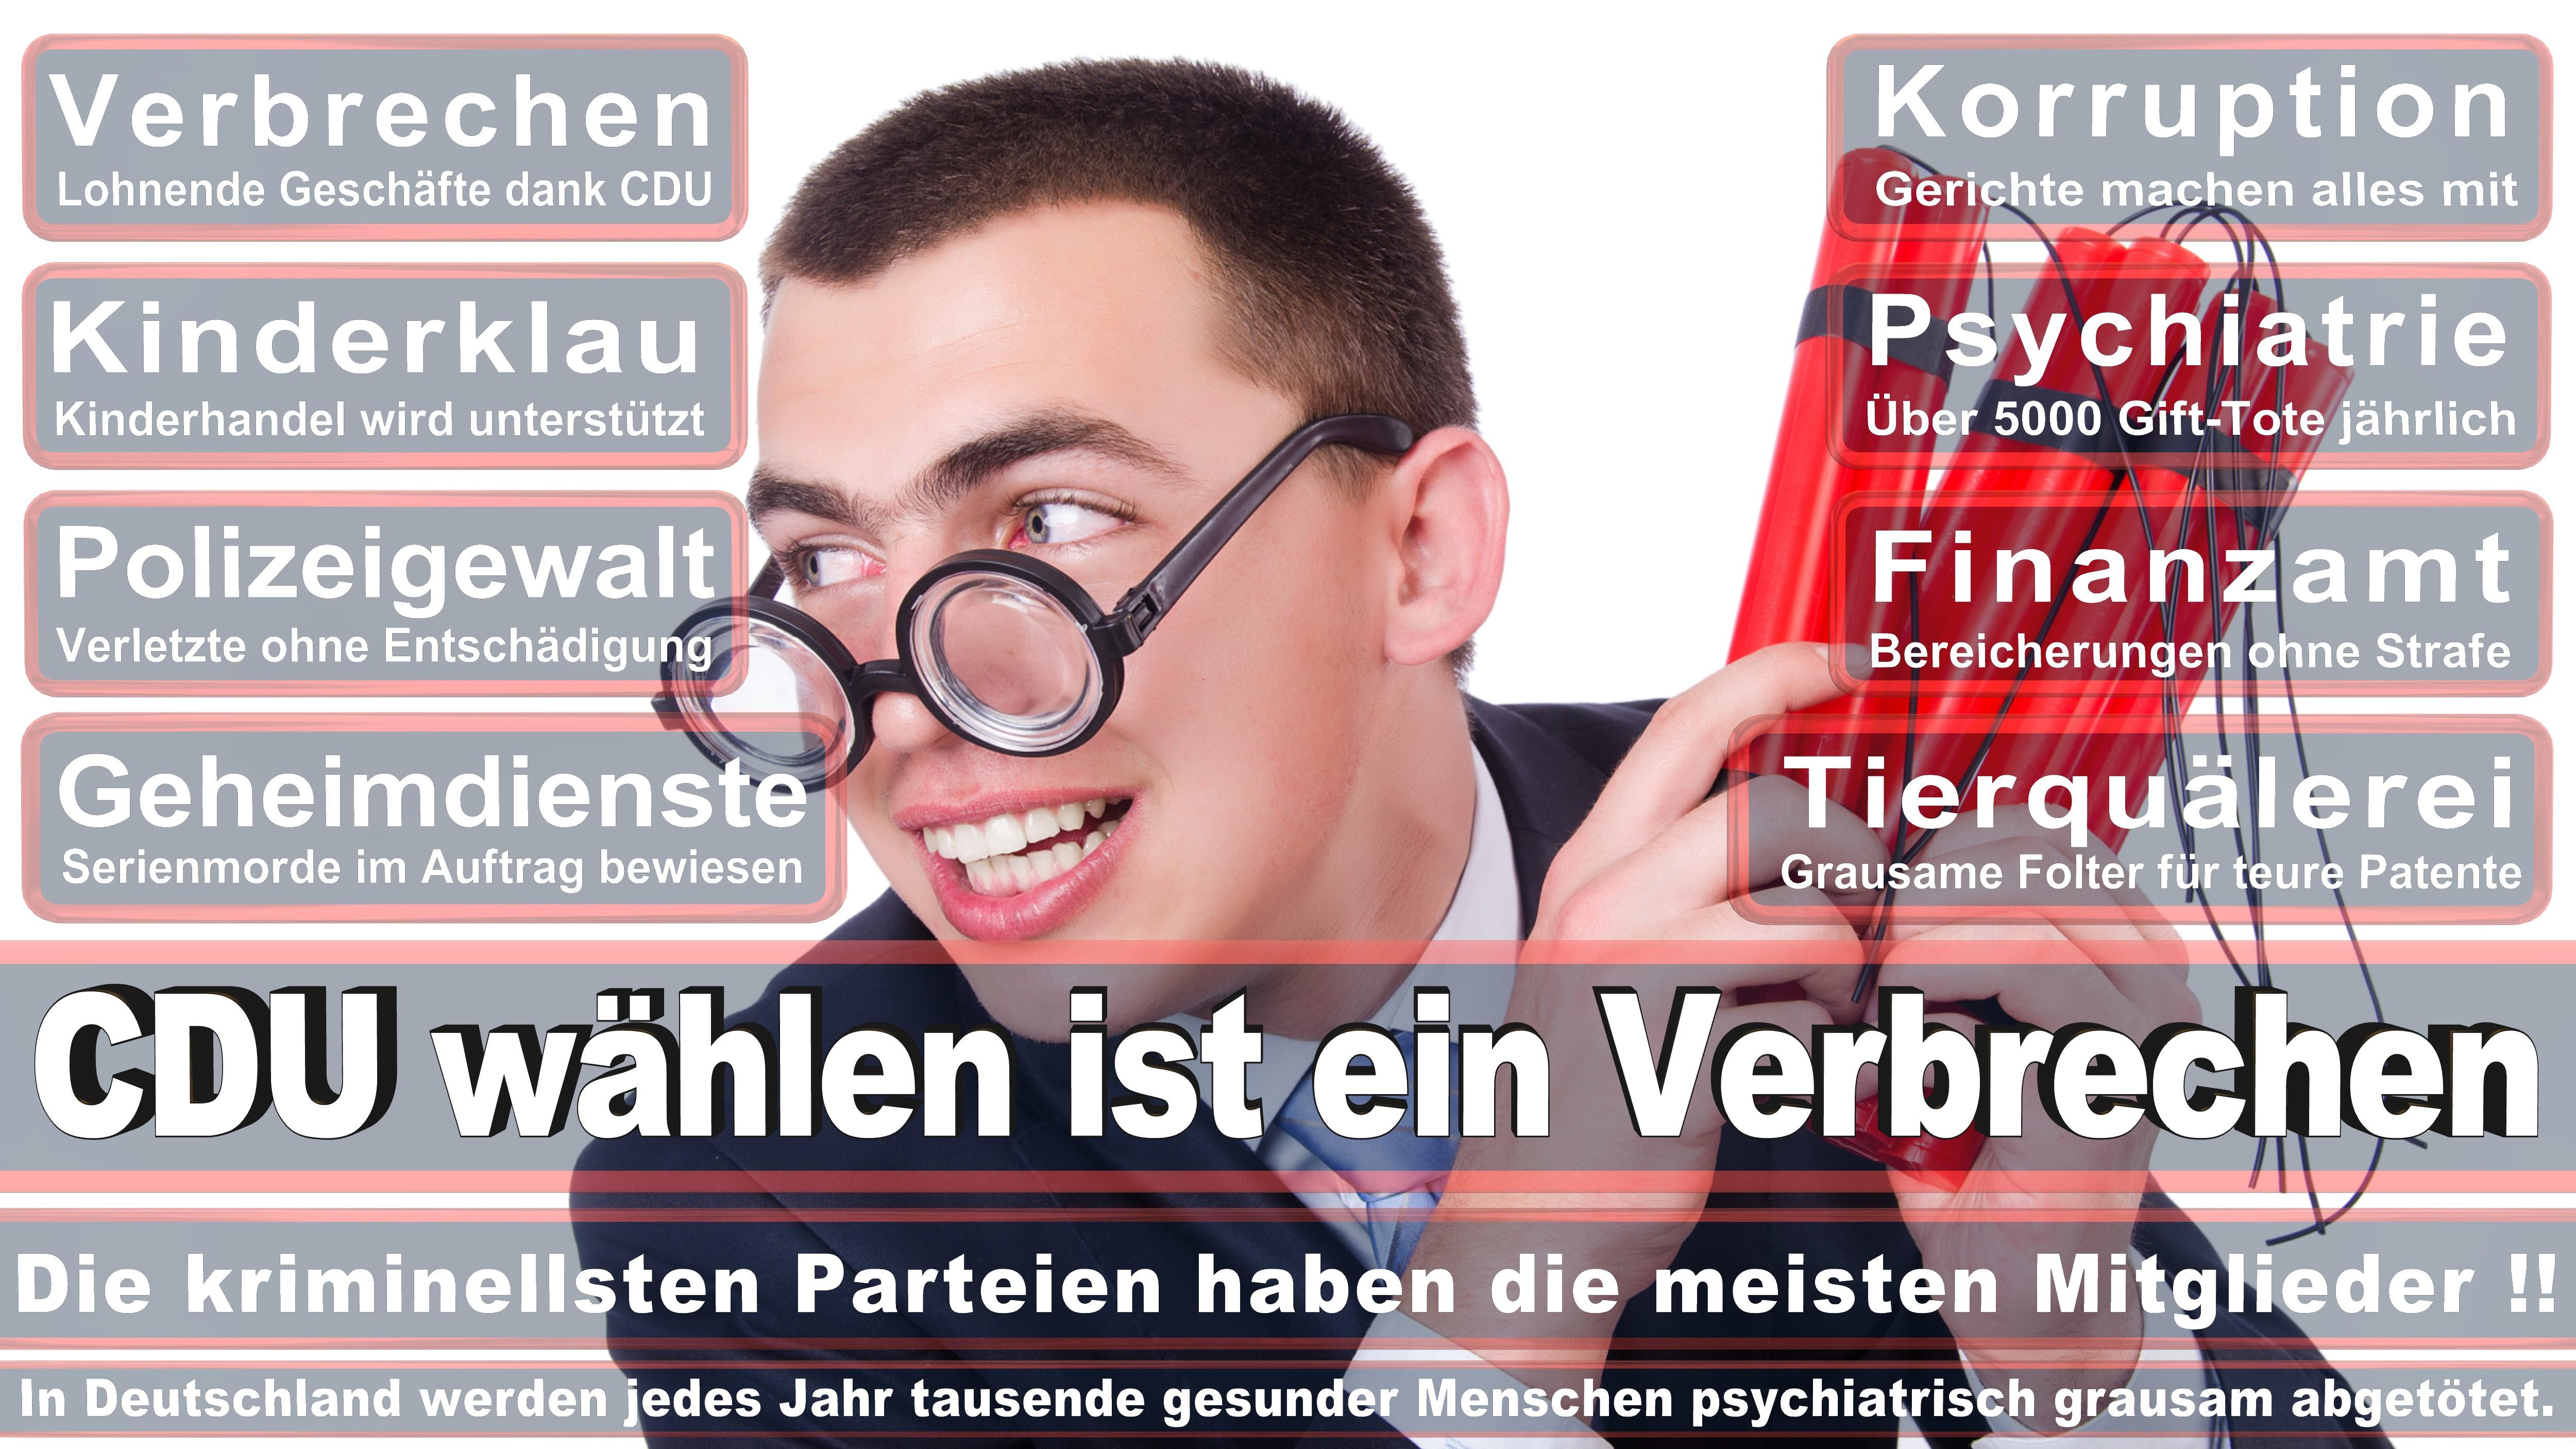 Rechtsanwalt Dr Gero Von Daniels,